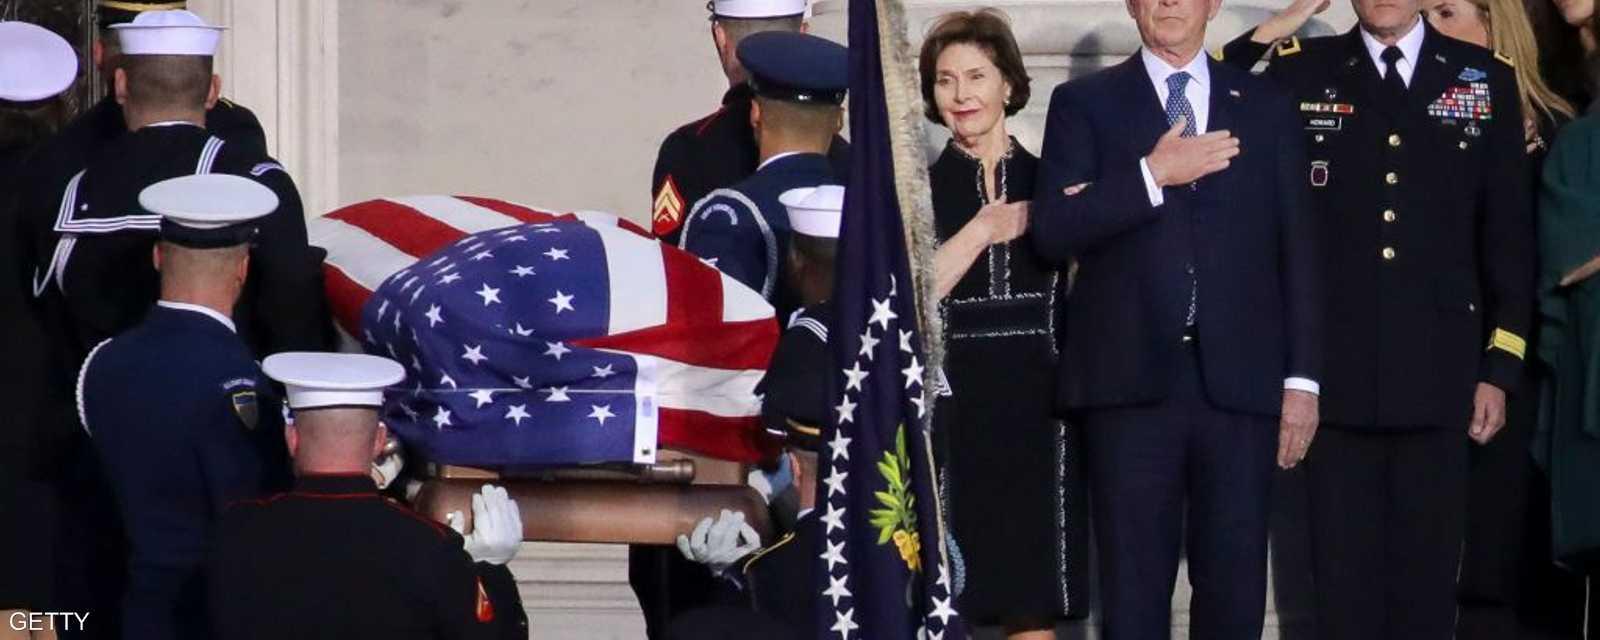 بوش الابن يودع والده